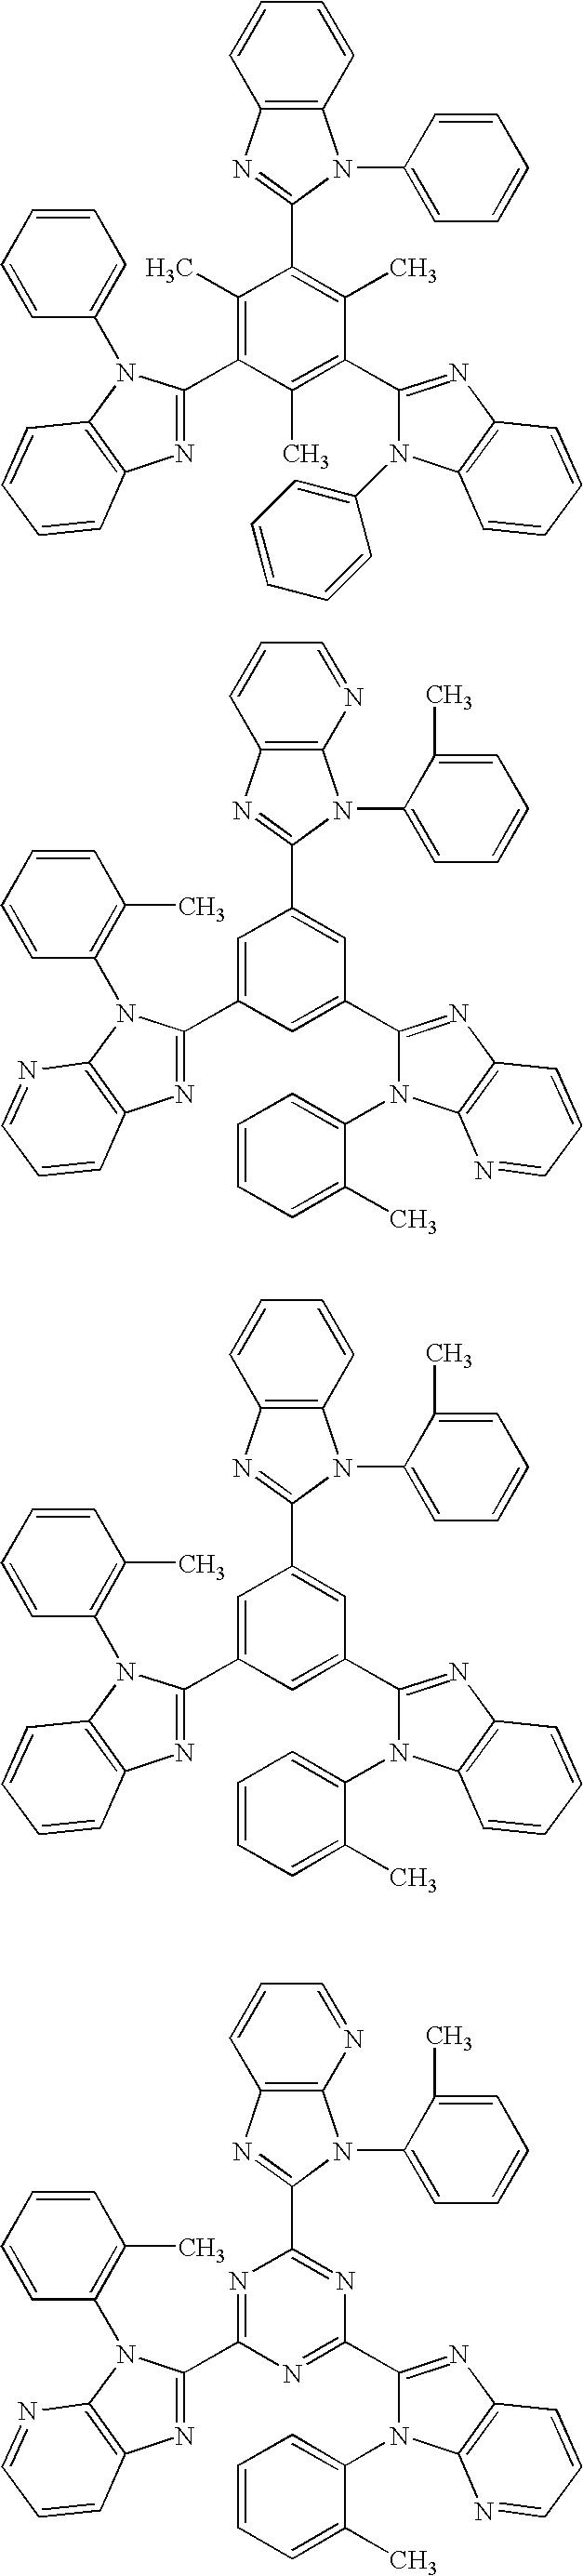 Figure US07608993-20091027-C00025